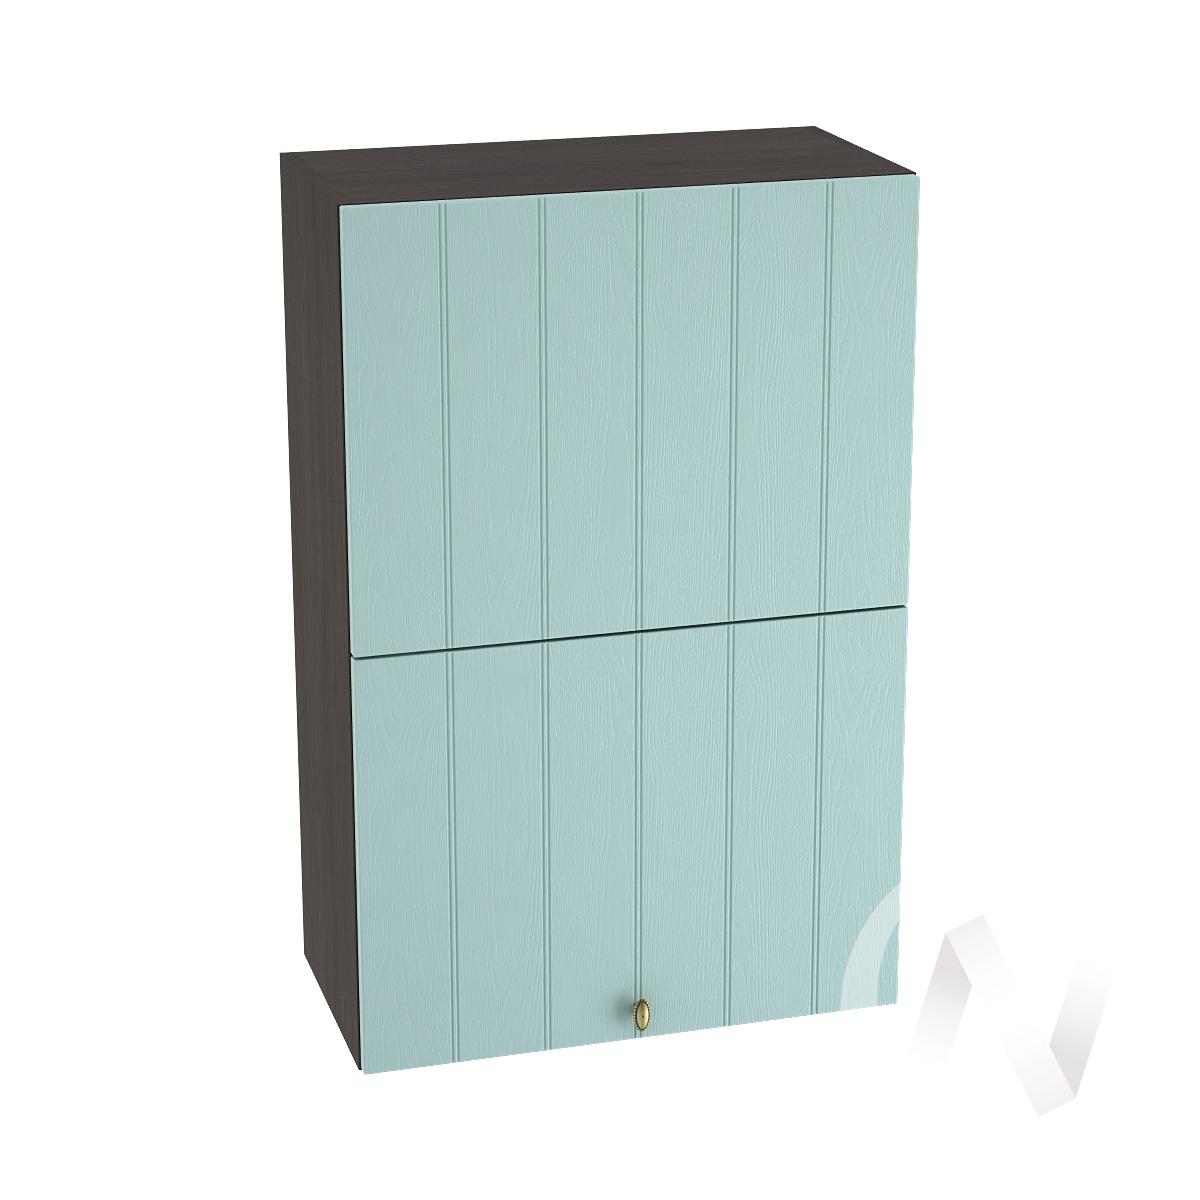 """Кухня """"Прованс"""": Шкаф верхний горизонтальный 602, ШВГ 602 (голубой/корпус венге)"""